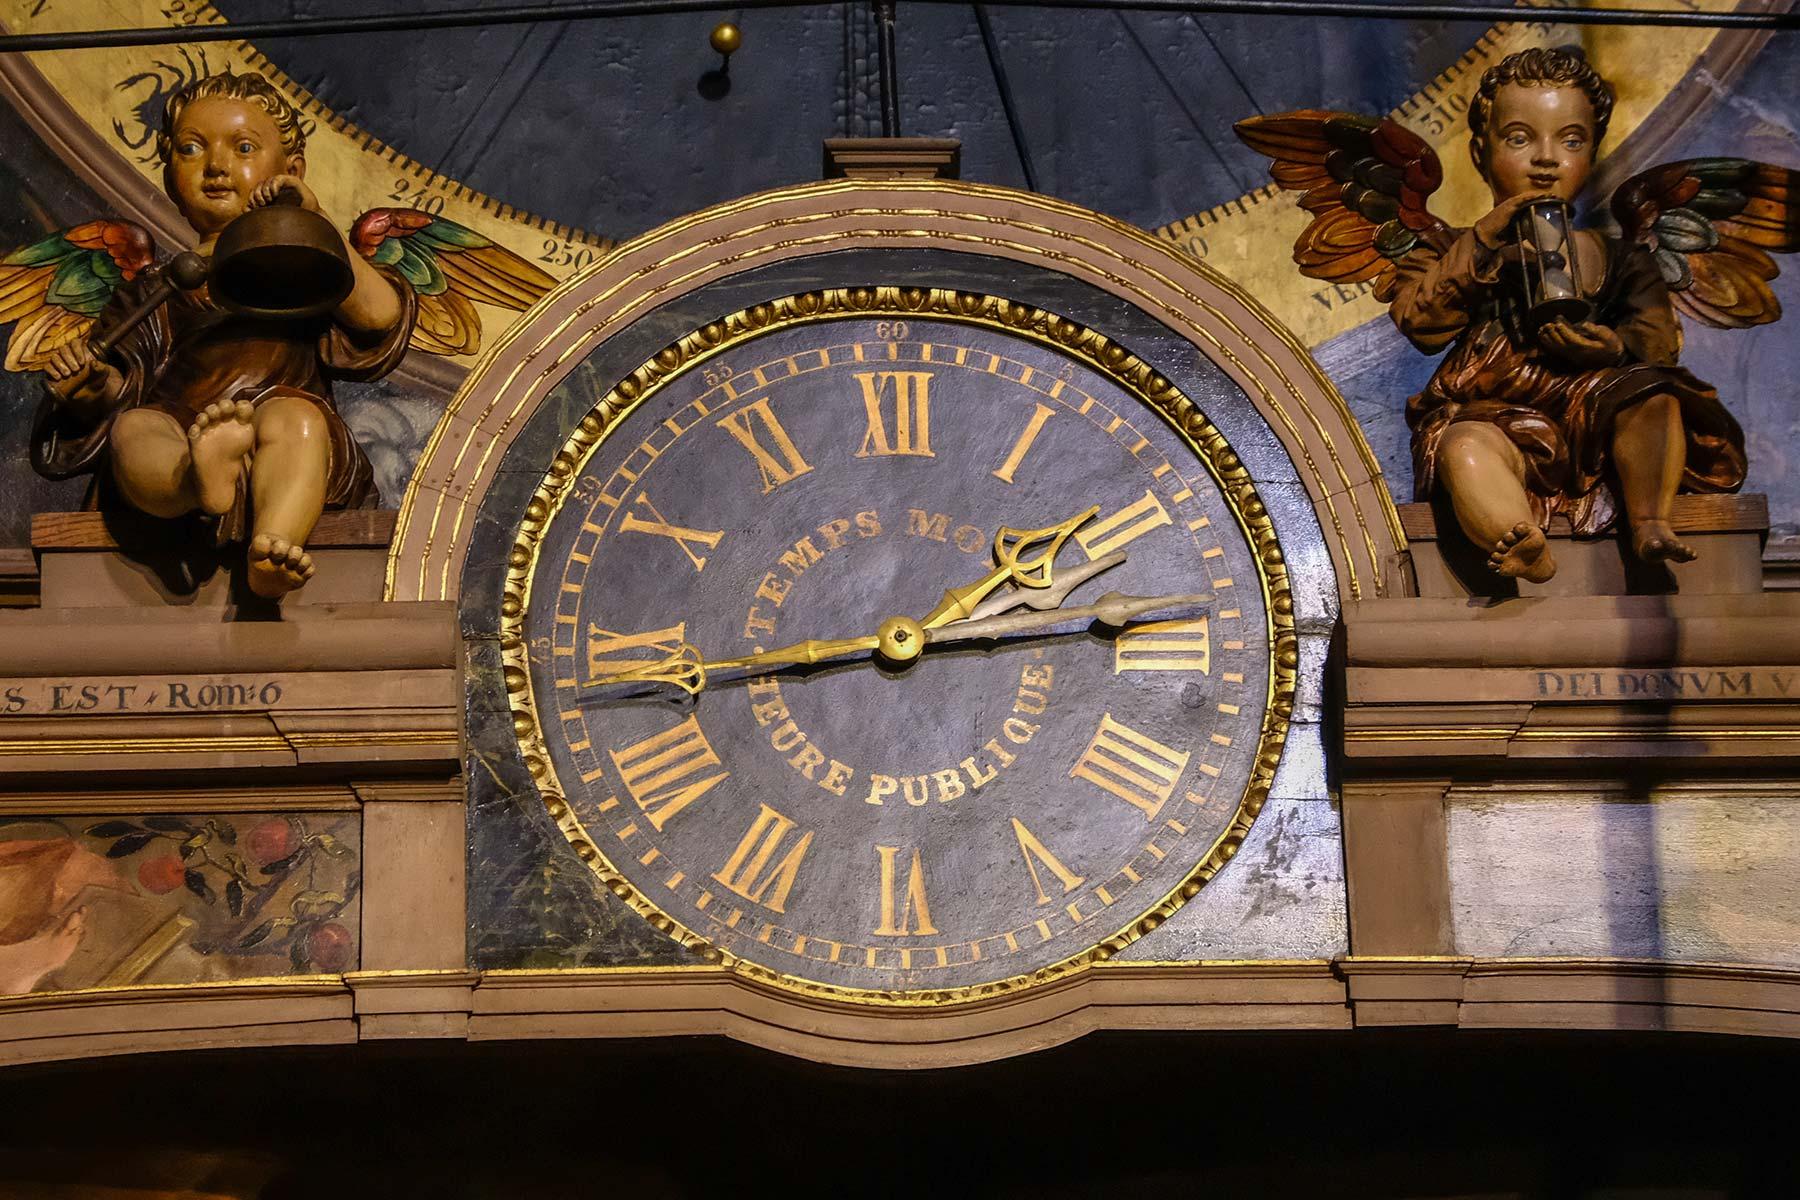 Astronomische Uhr im Straßburger Münster in Straßburg